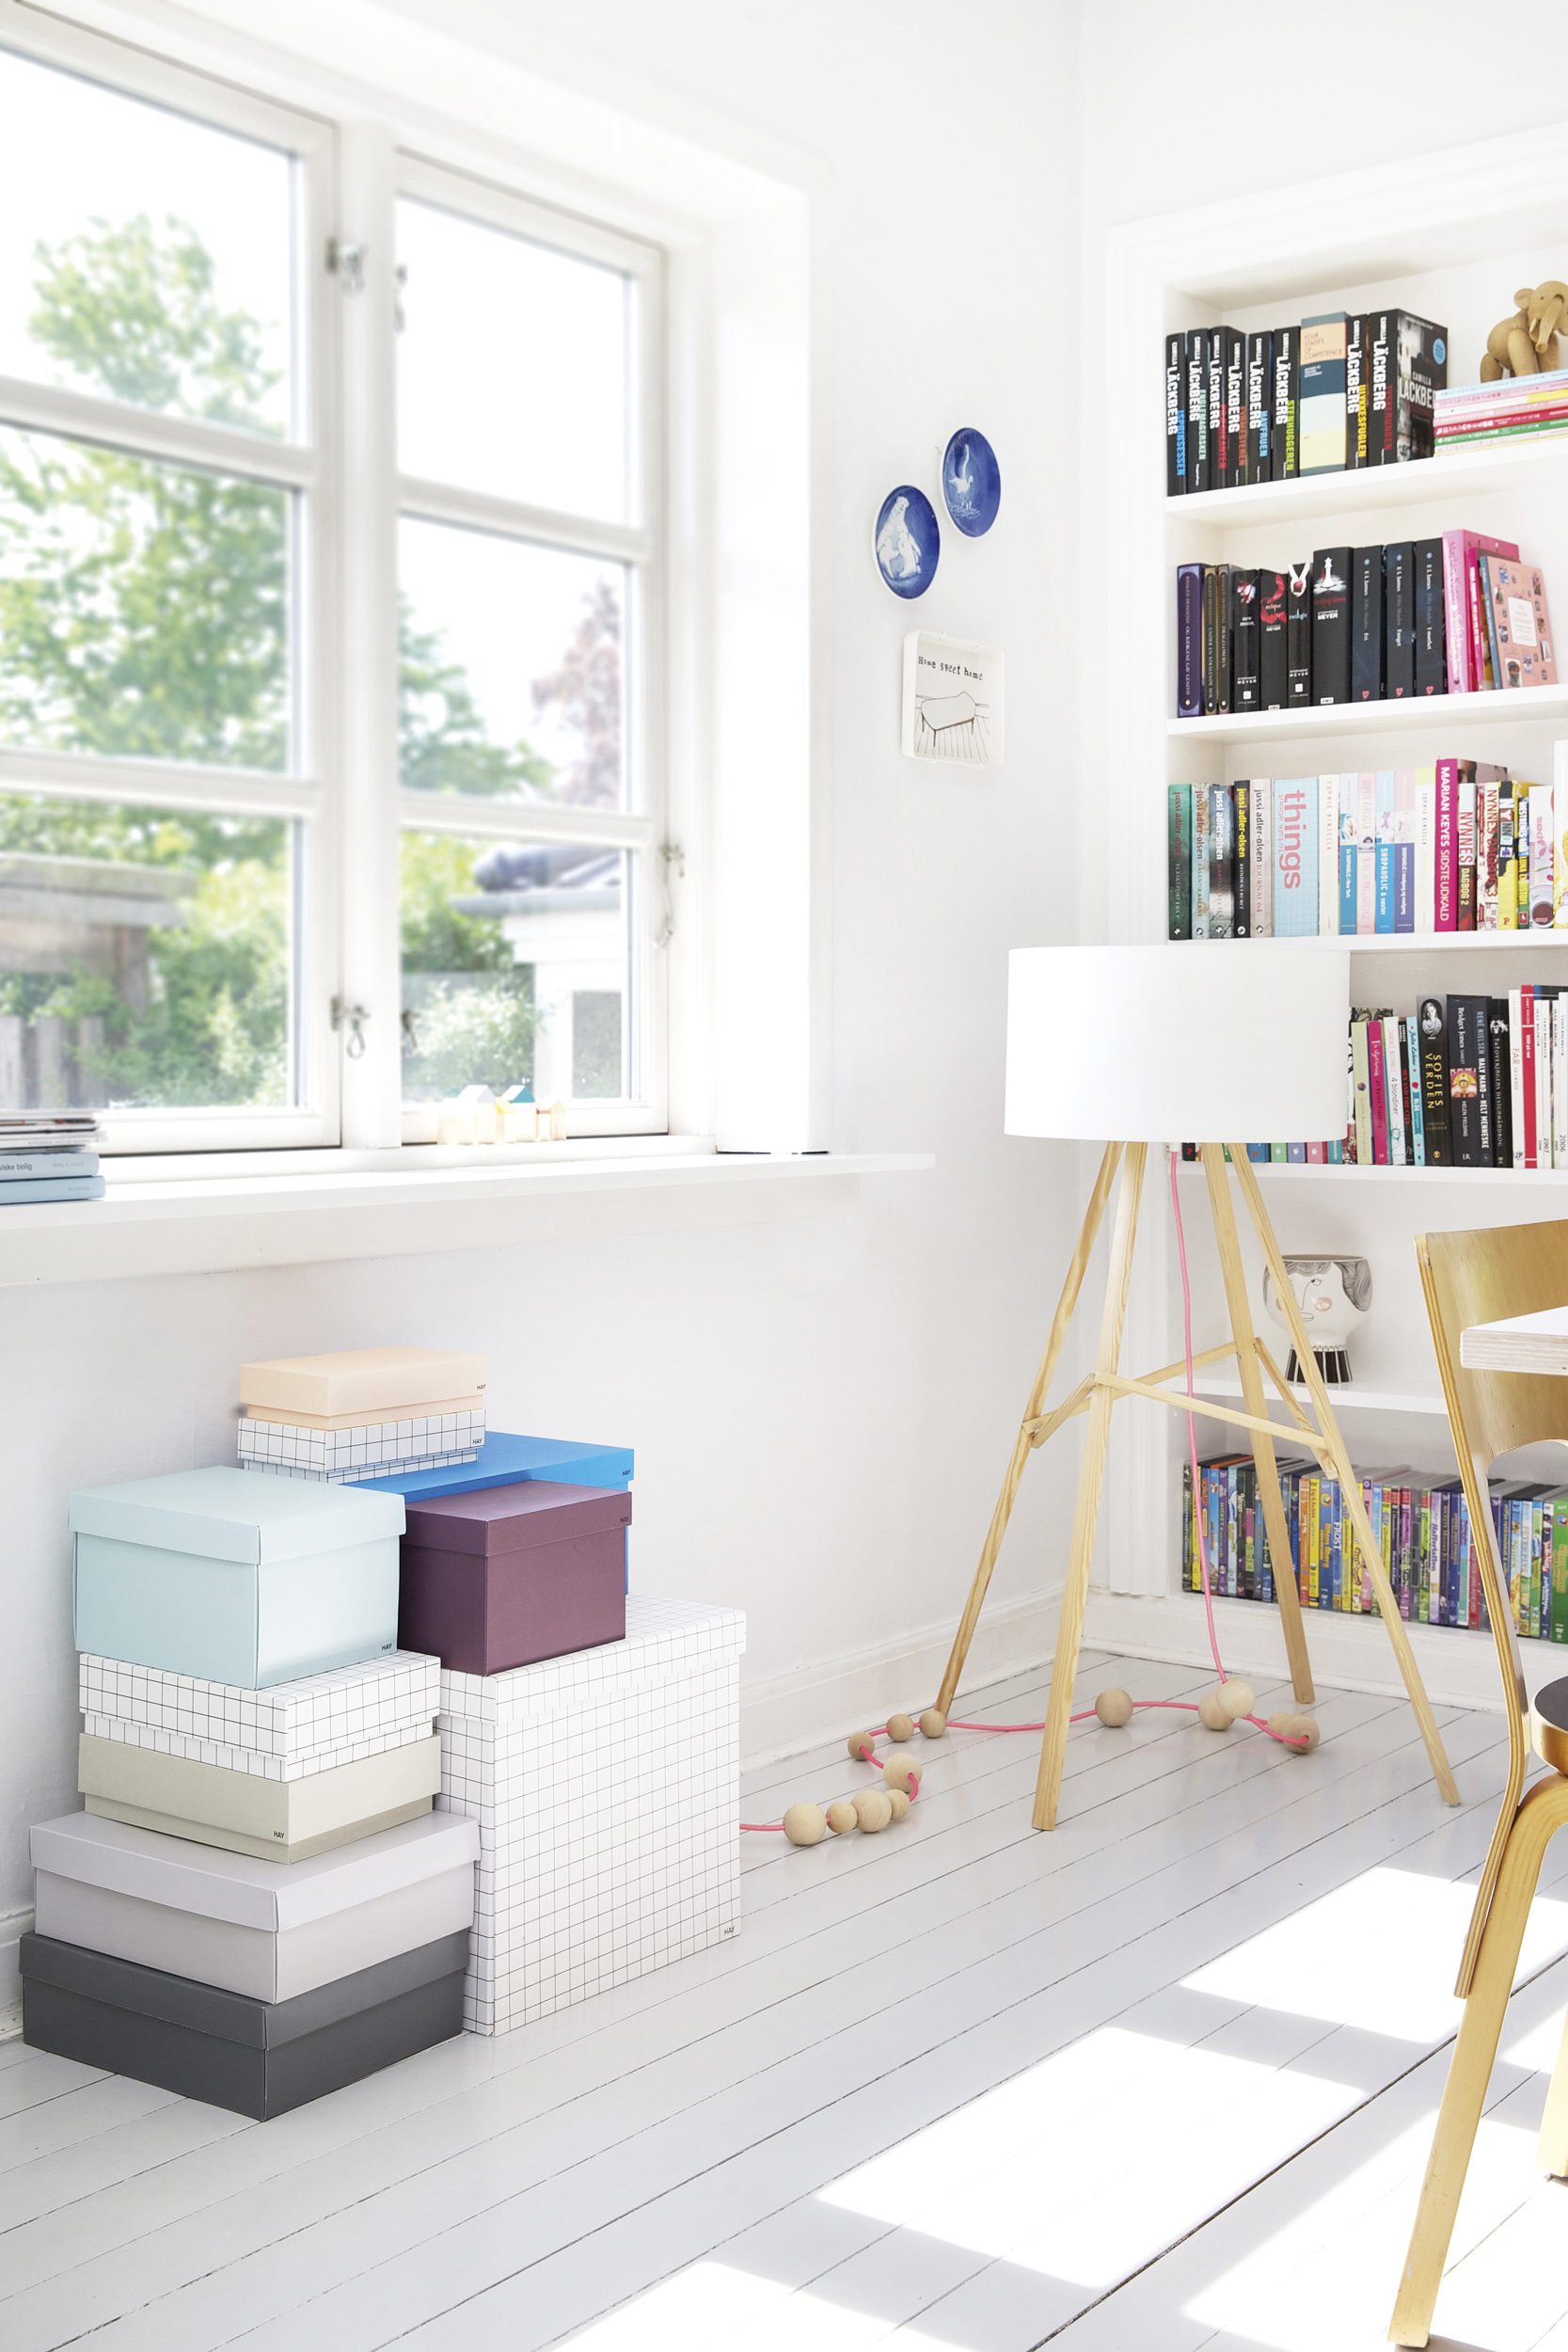 appartement-couleur-été-boite-rangement-lampe-mademoiselle-claudine